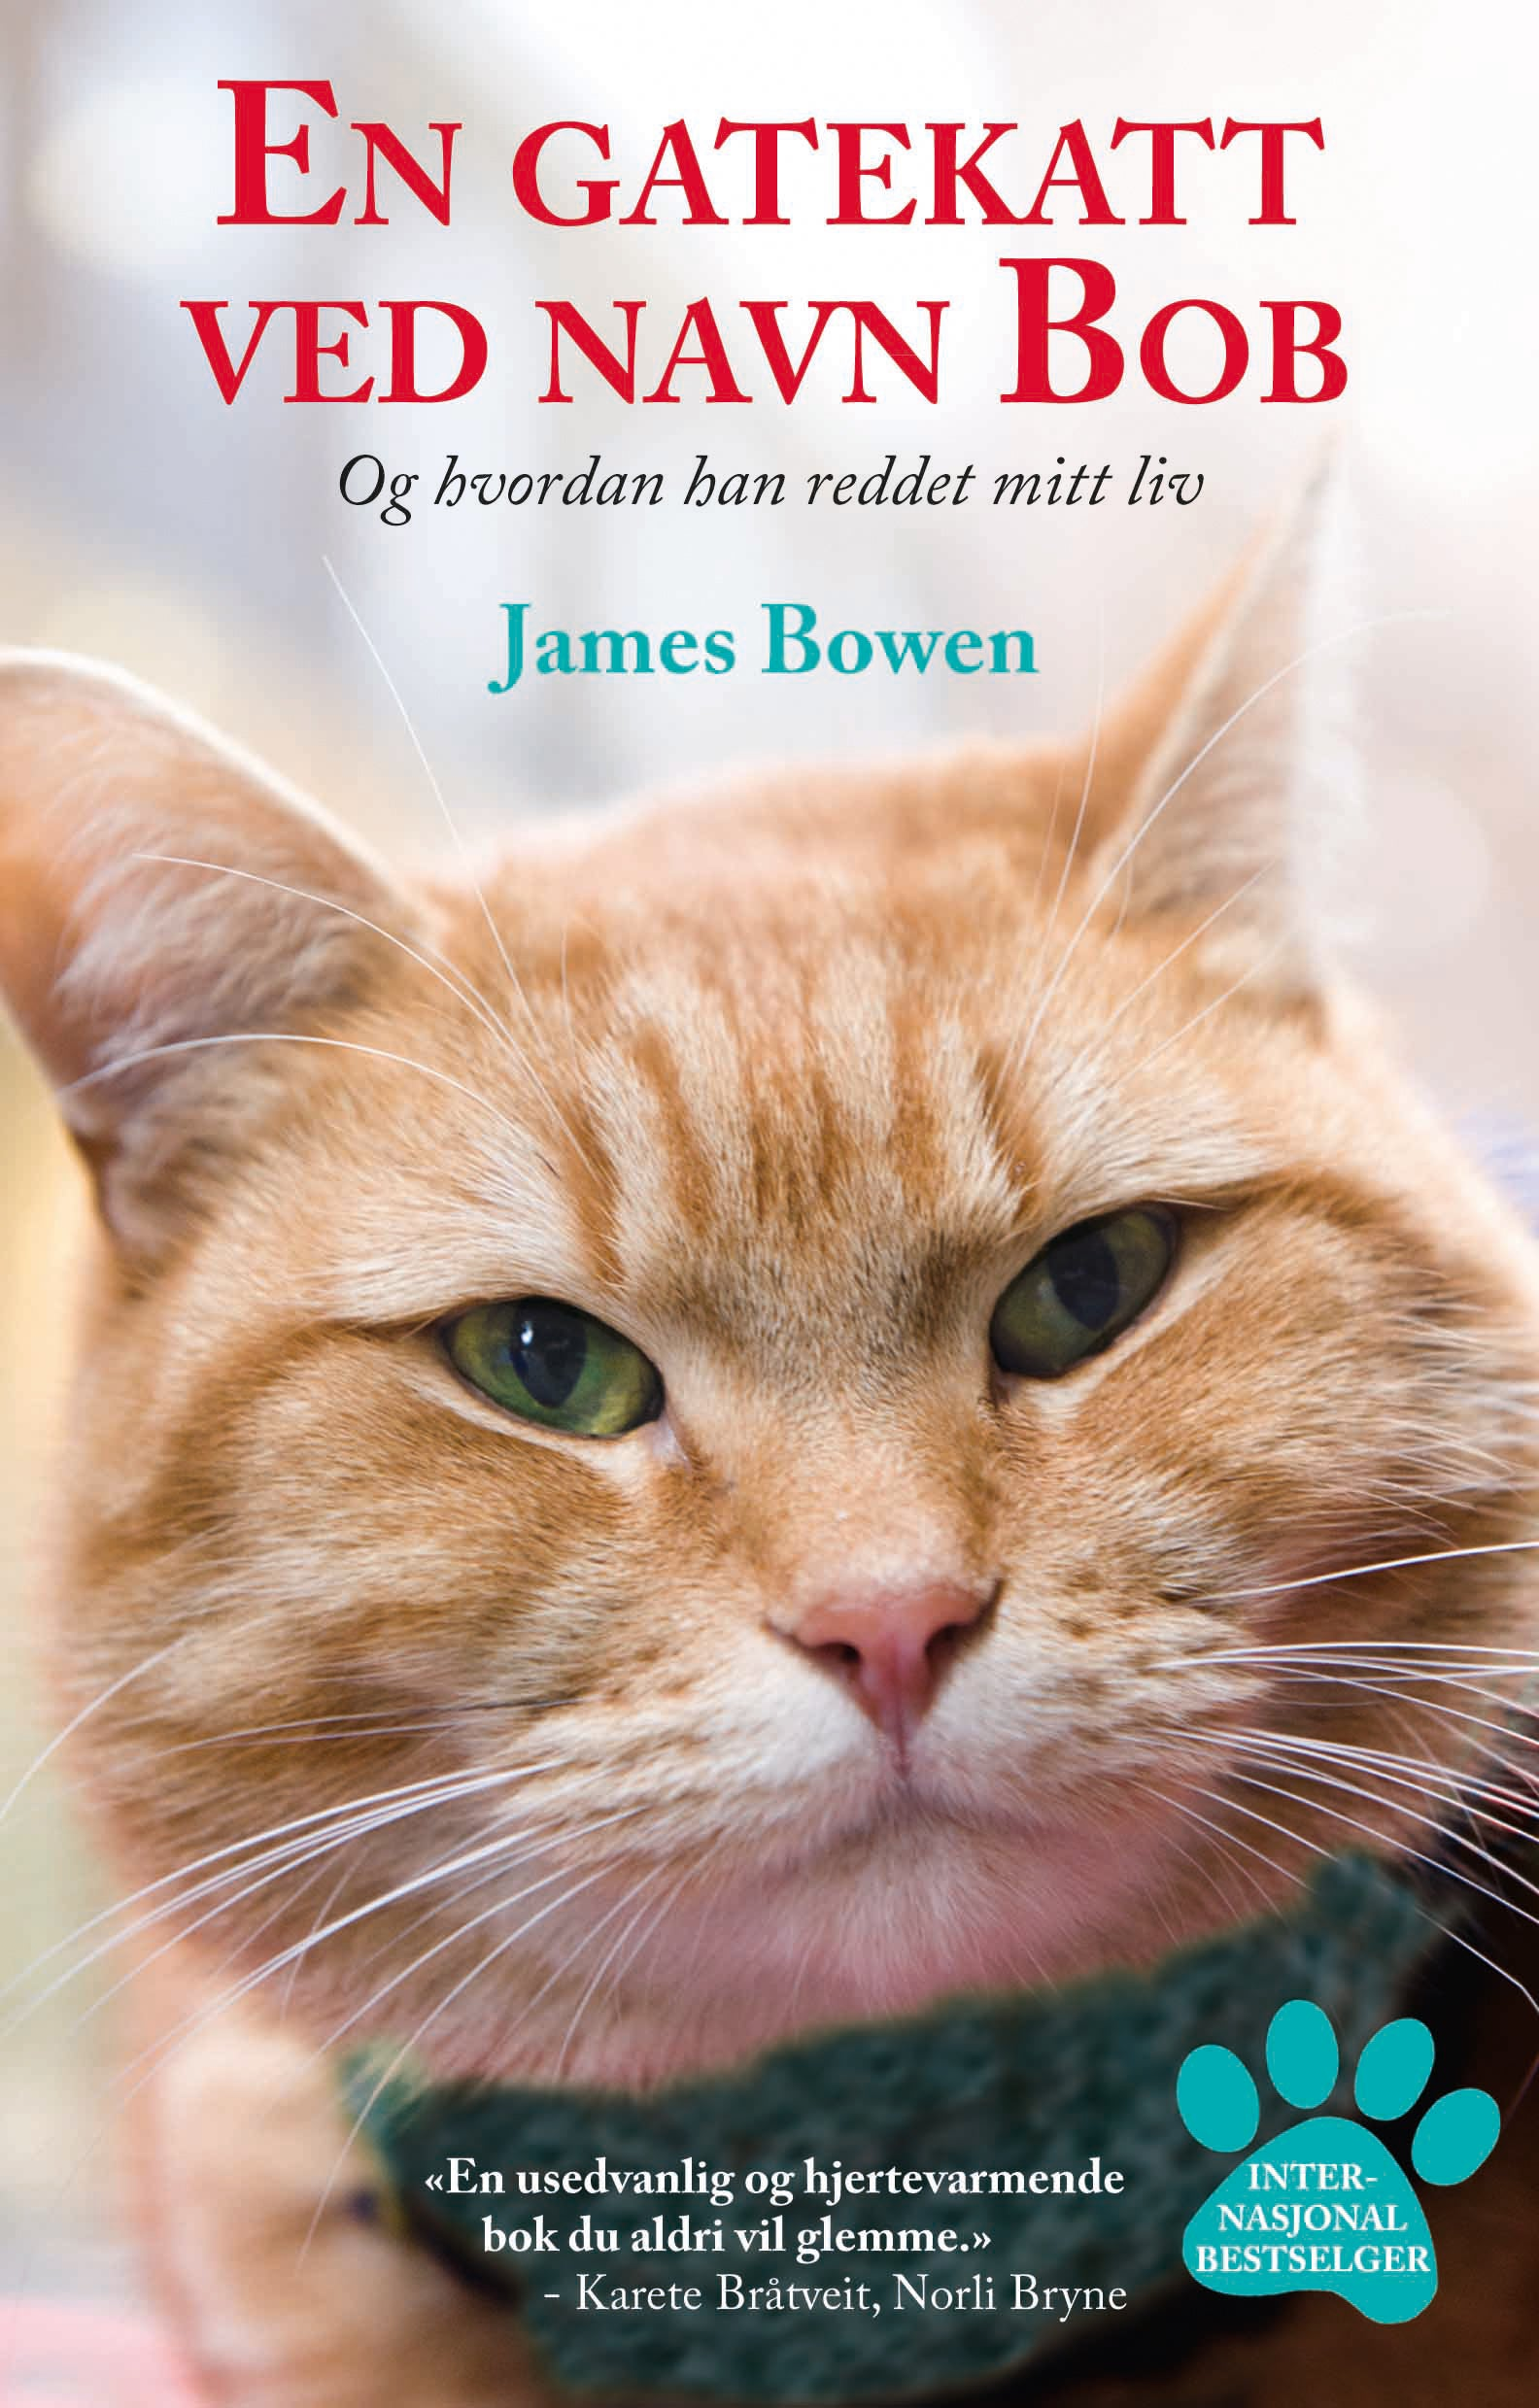 James Bowen og en gatekatt som heter Bob.